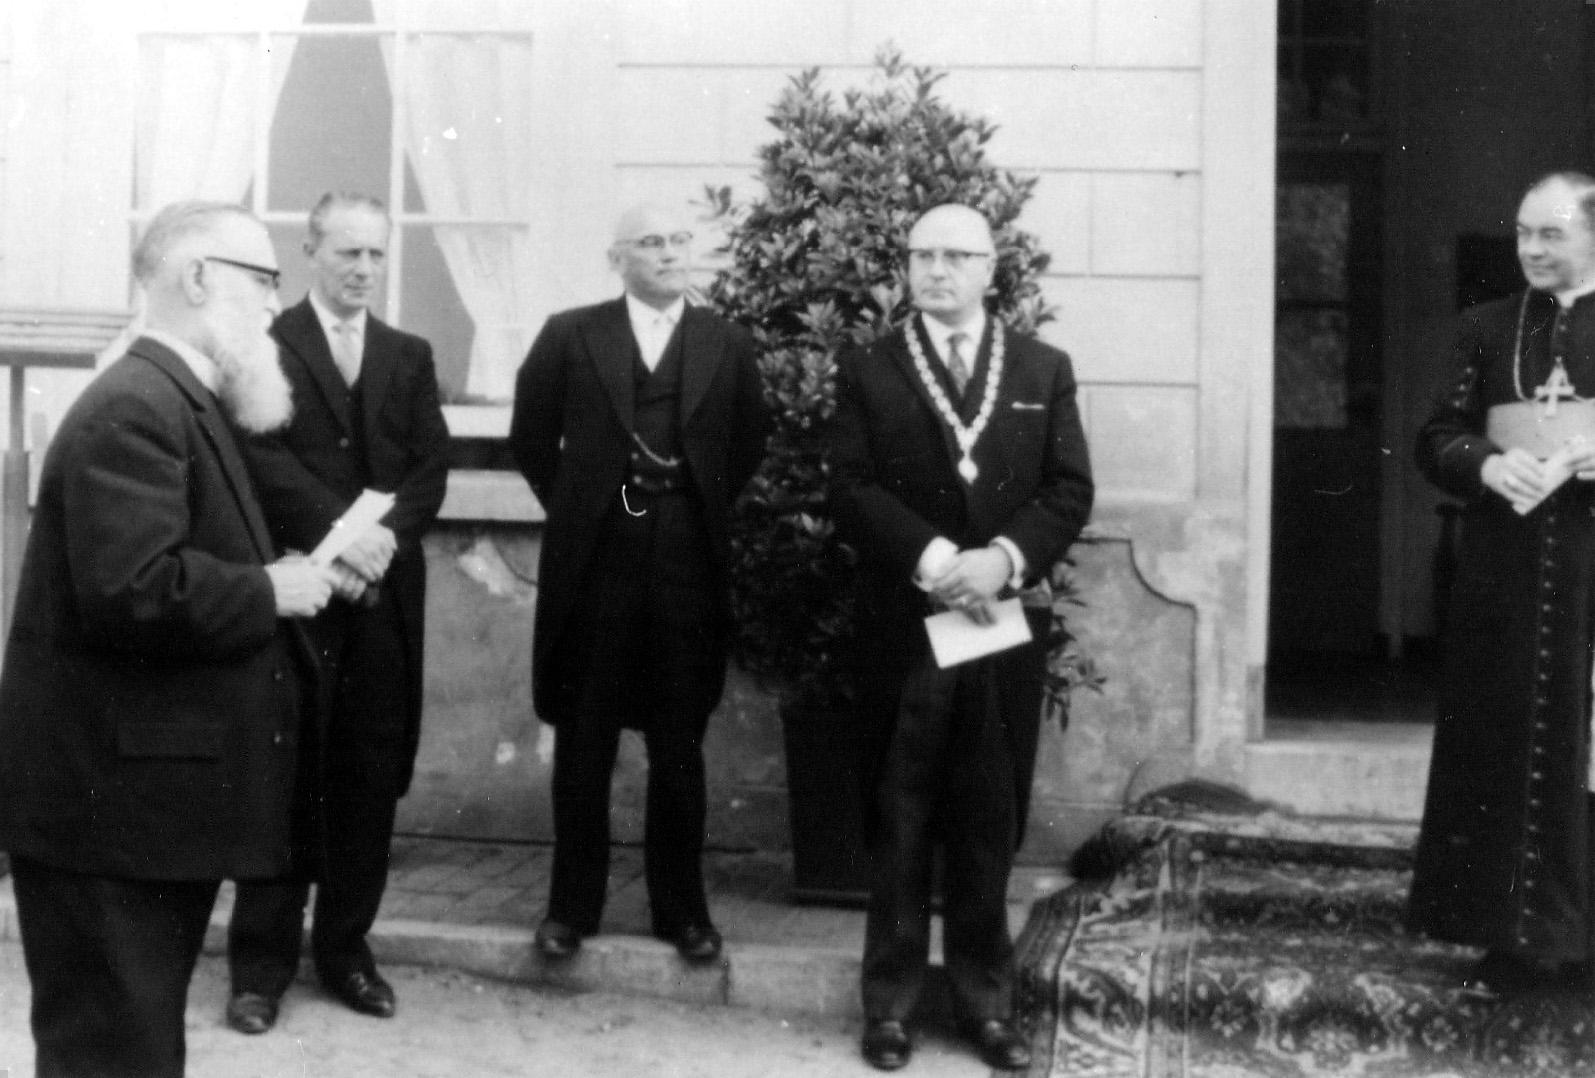 30 mei 1964 Plechtigheid op Nieuw Herlaar i.v.m. inwijding Christofoor kerk